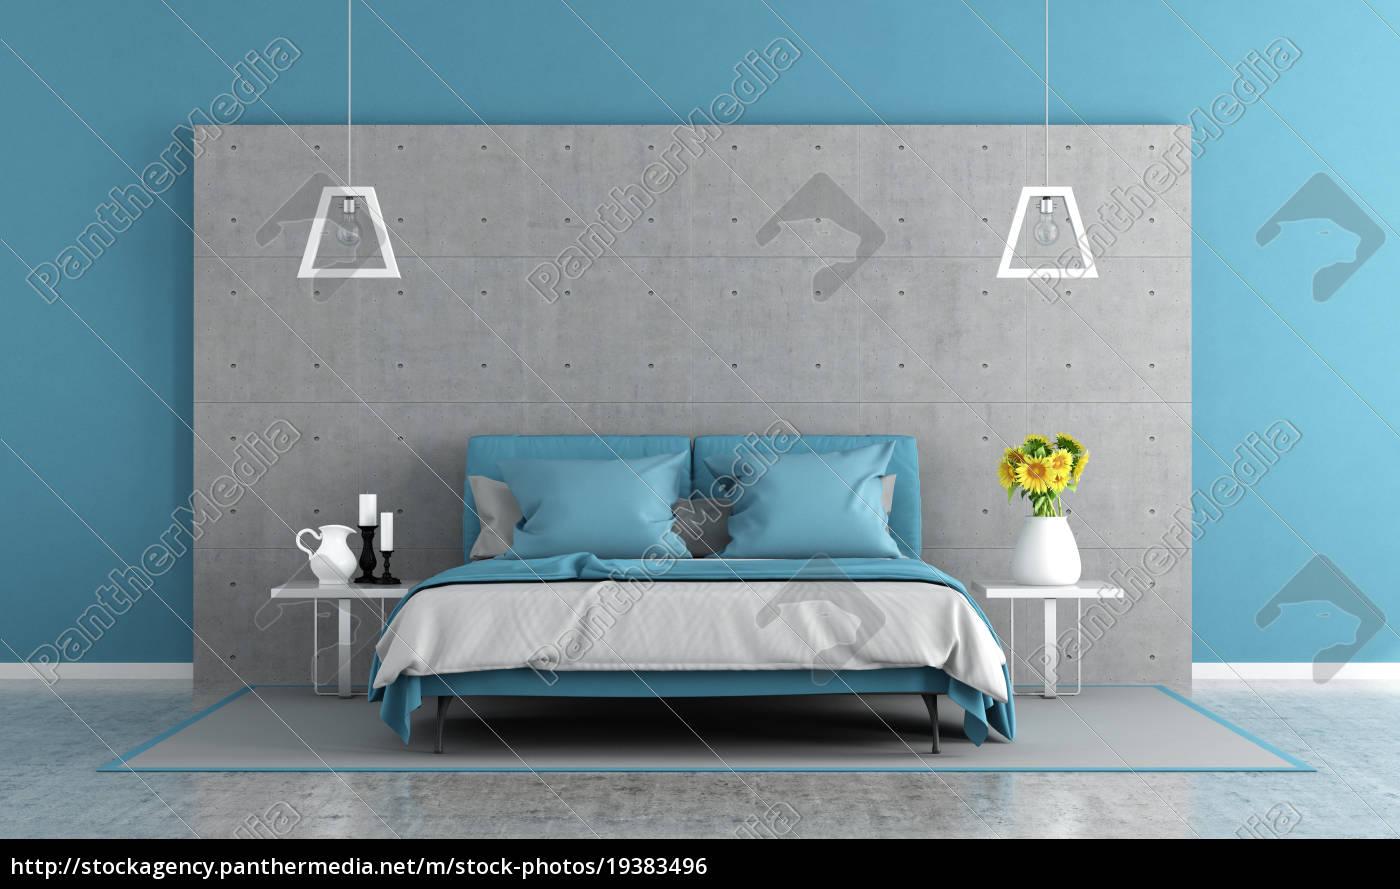 Lizenzfreies Foto 19383496 - blaue und graue schlafzimmer